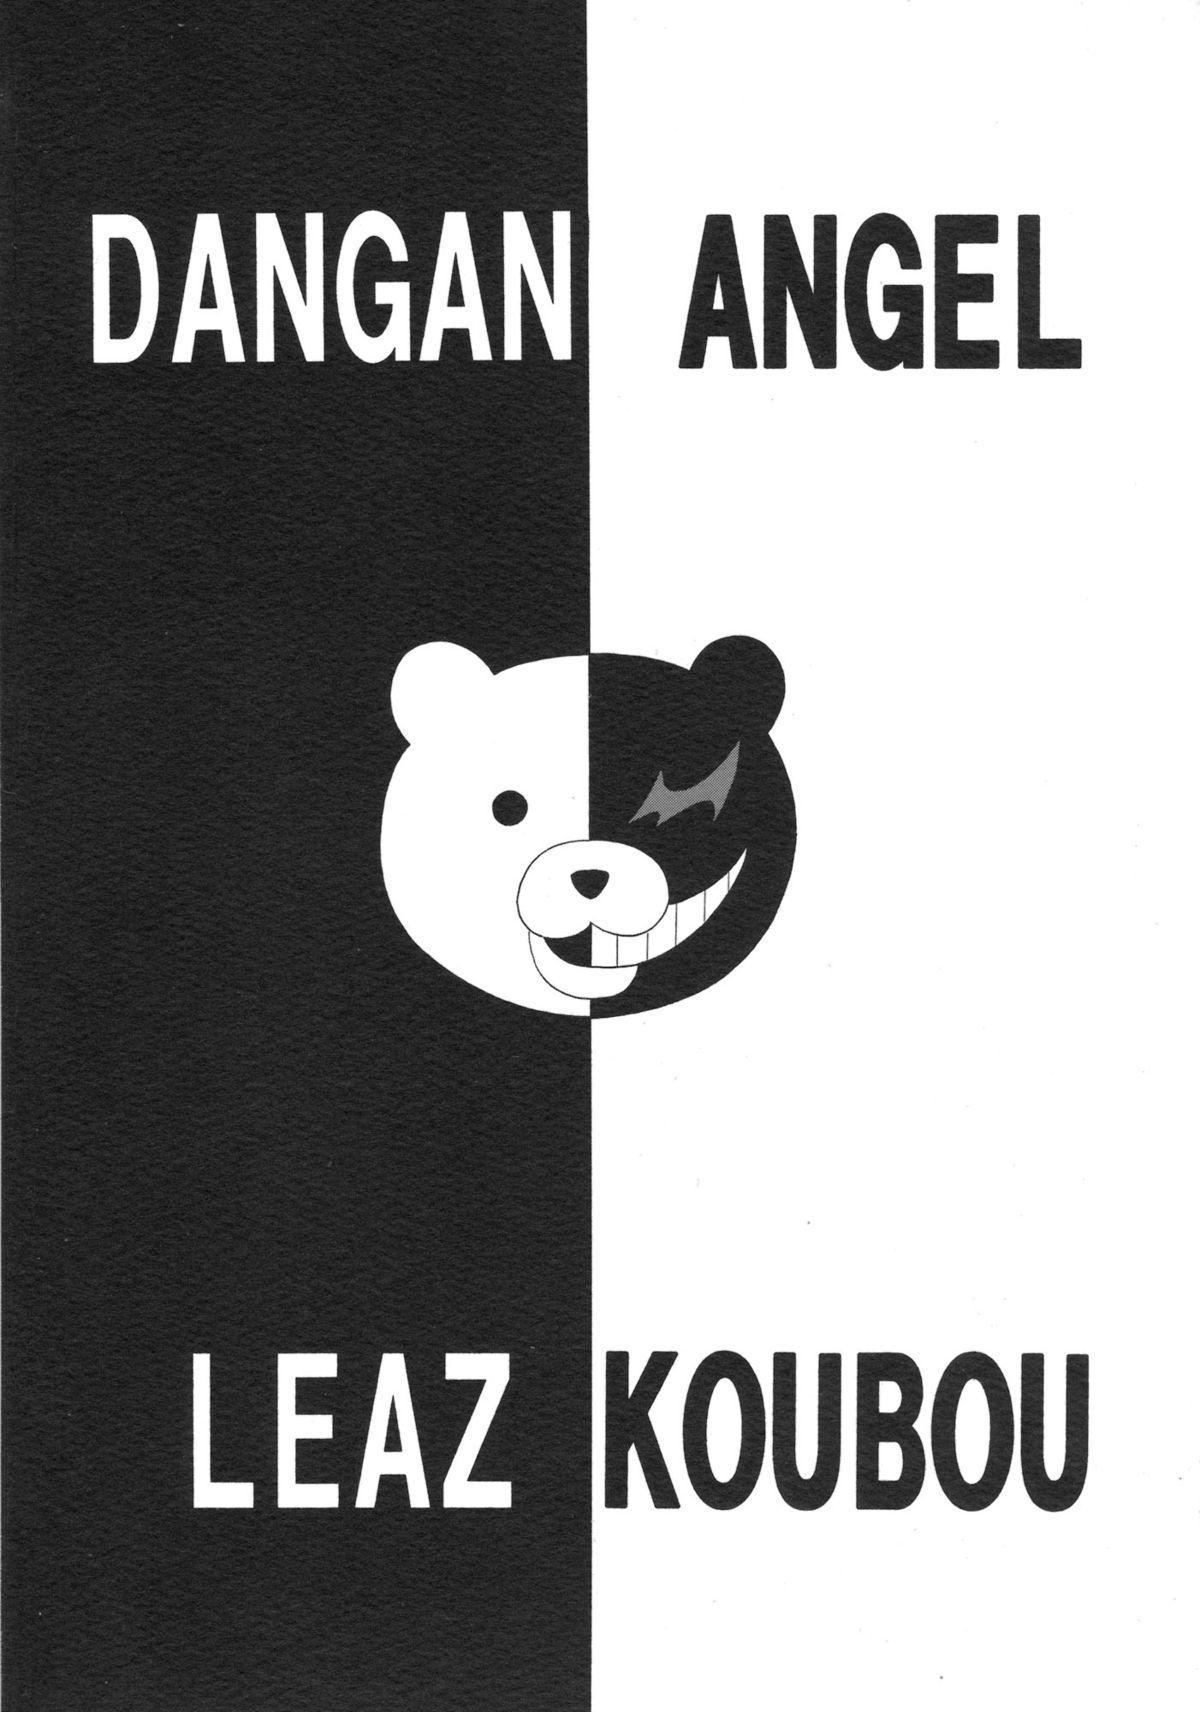 DANGAN ANGEL 1